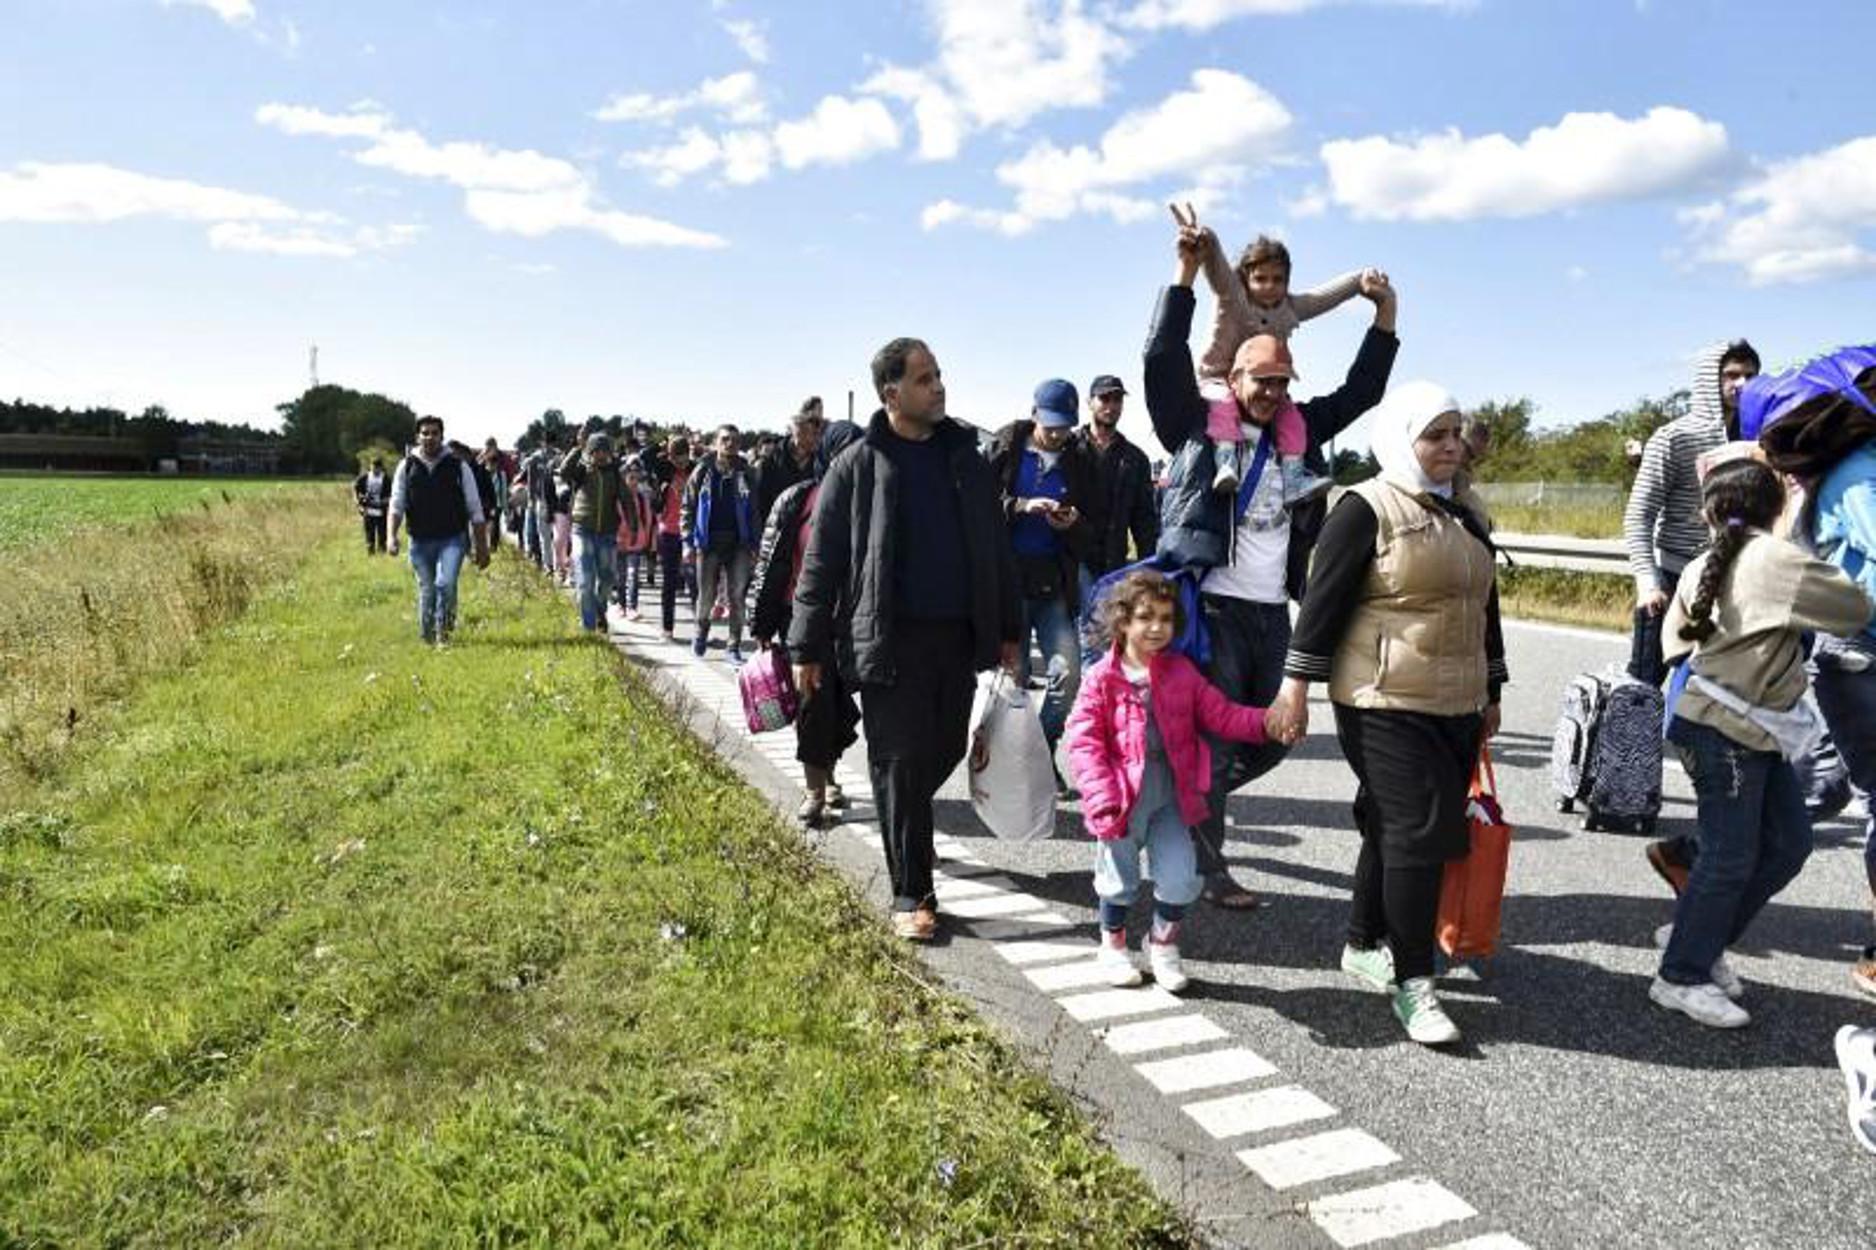 Η Δανία σκληραίνει κι άλλο την στάση της απέναντι στους μετανάστες – Hotspot… εκτός Ε.Ε!